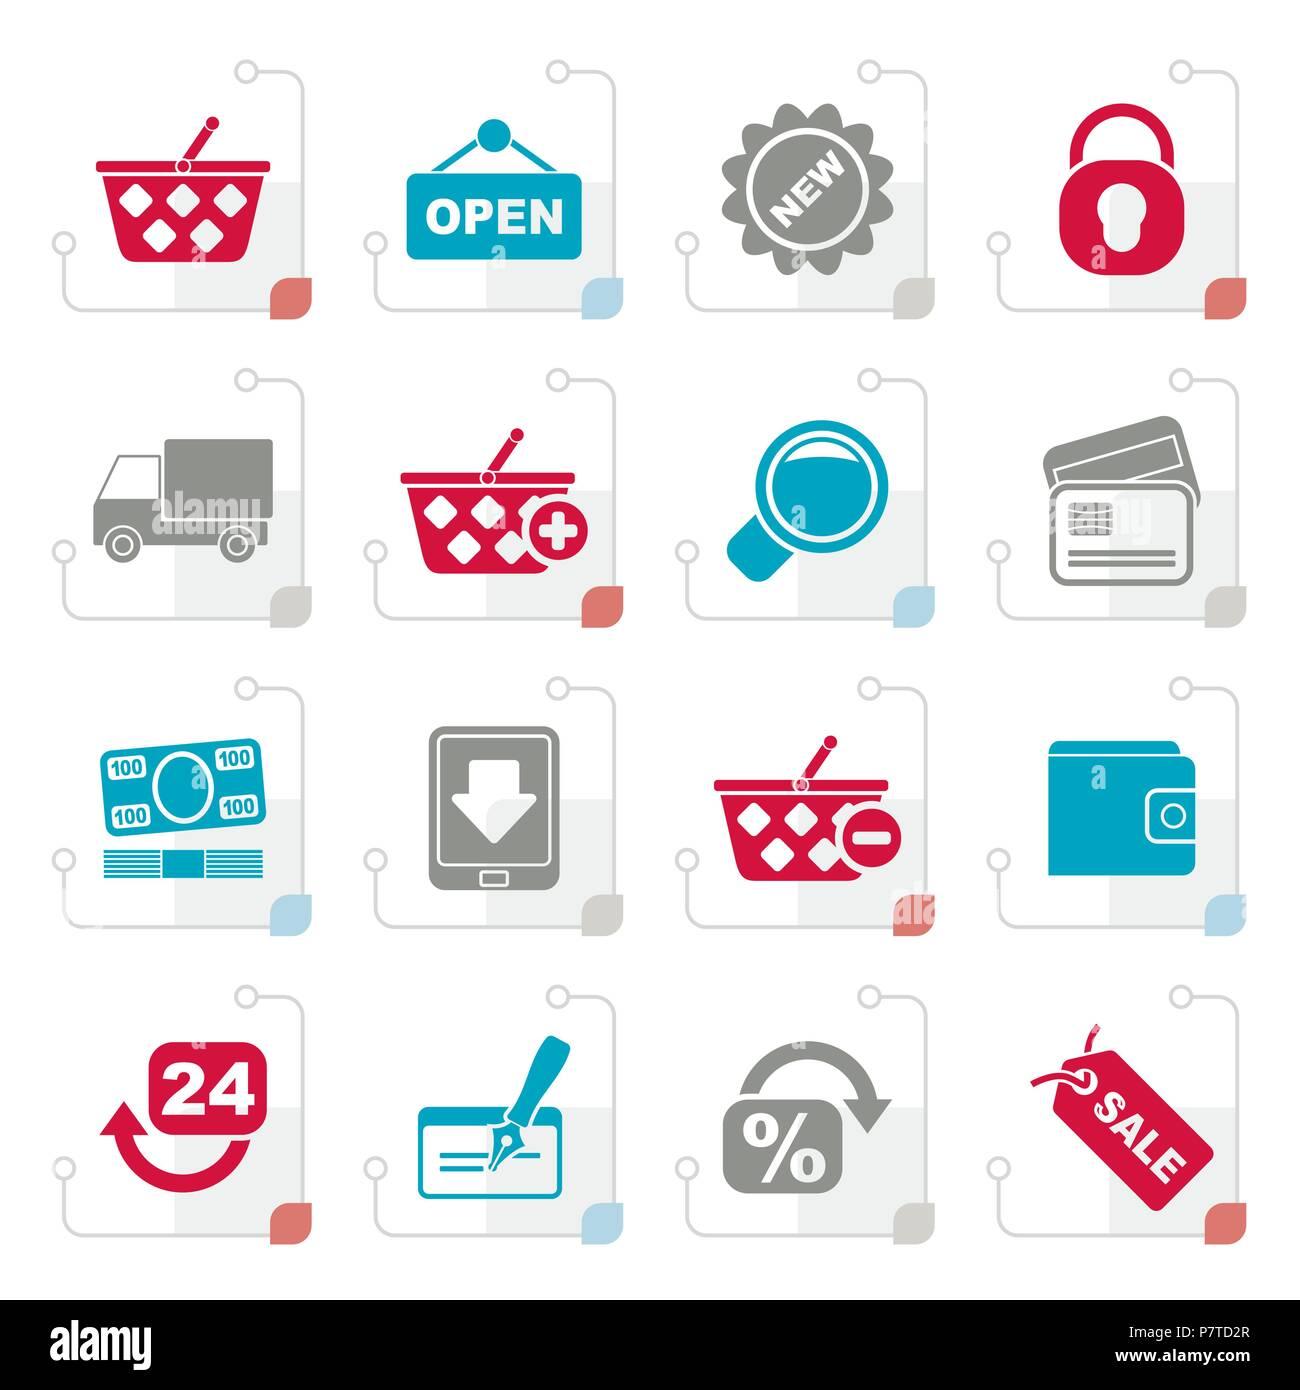 Achat et vente au détail icônes stylisées - vector icon set Photo Stock